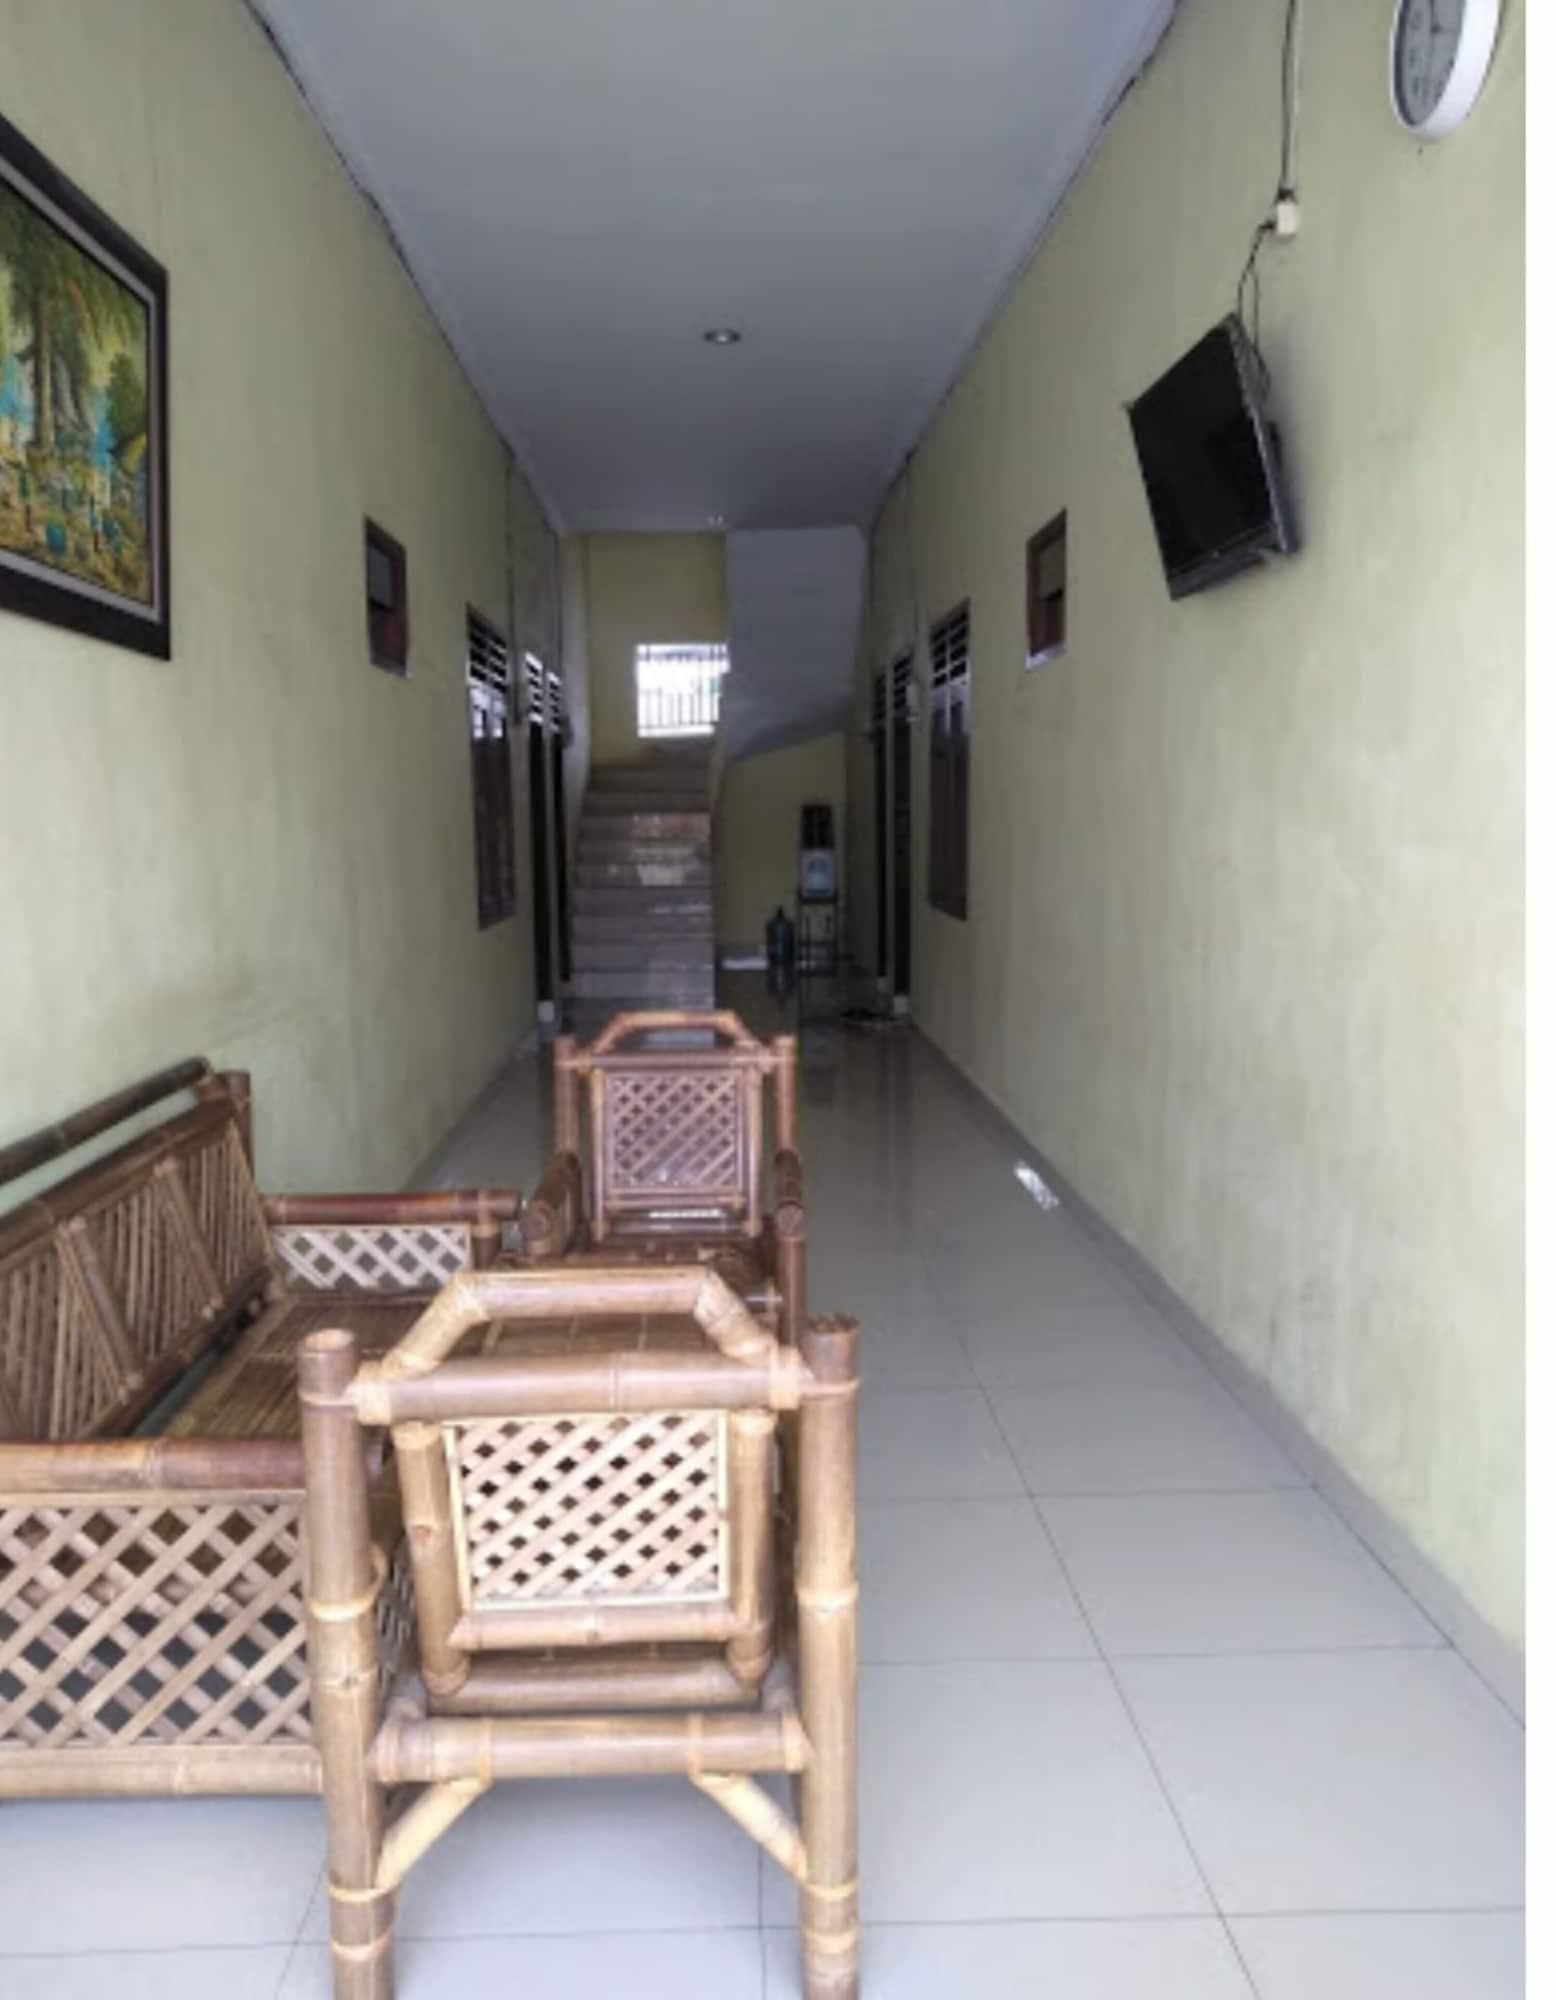 VIP Sempurna Residence Syariah, Medan